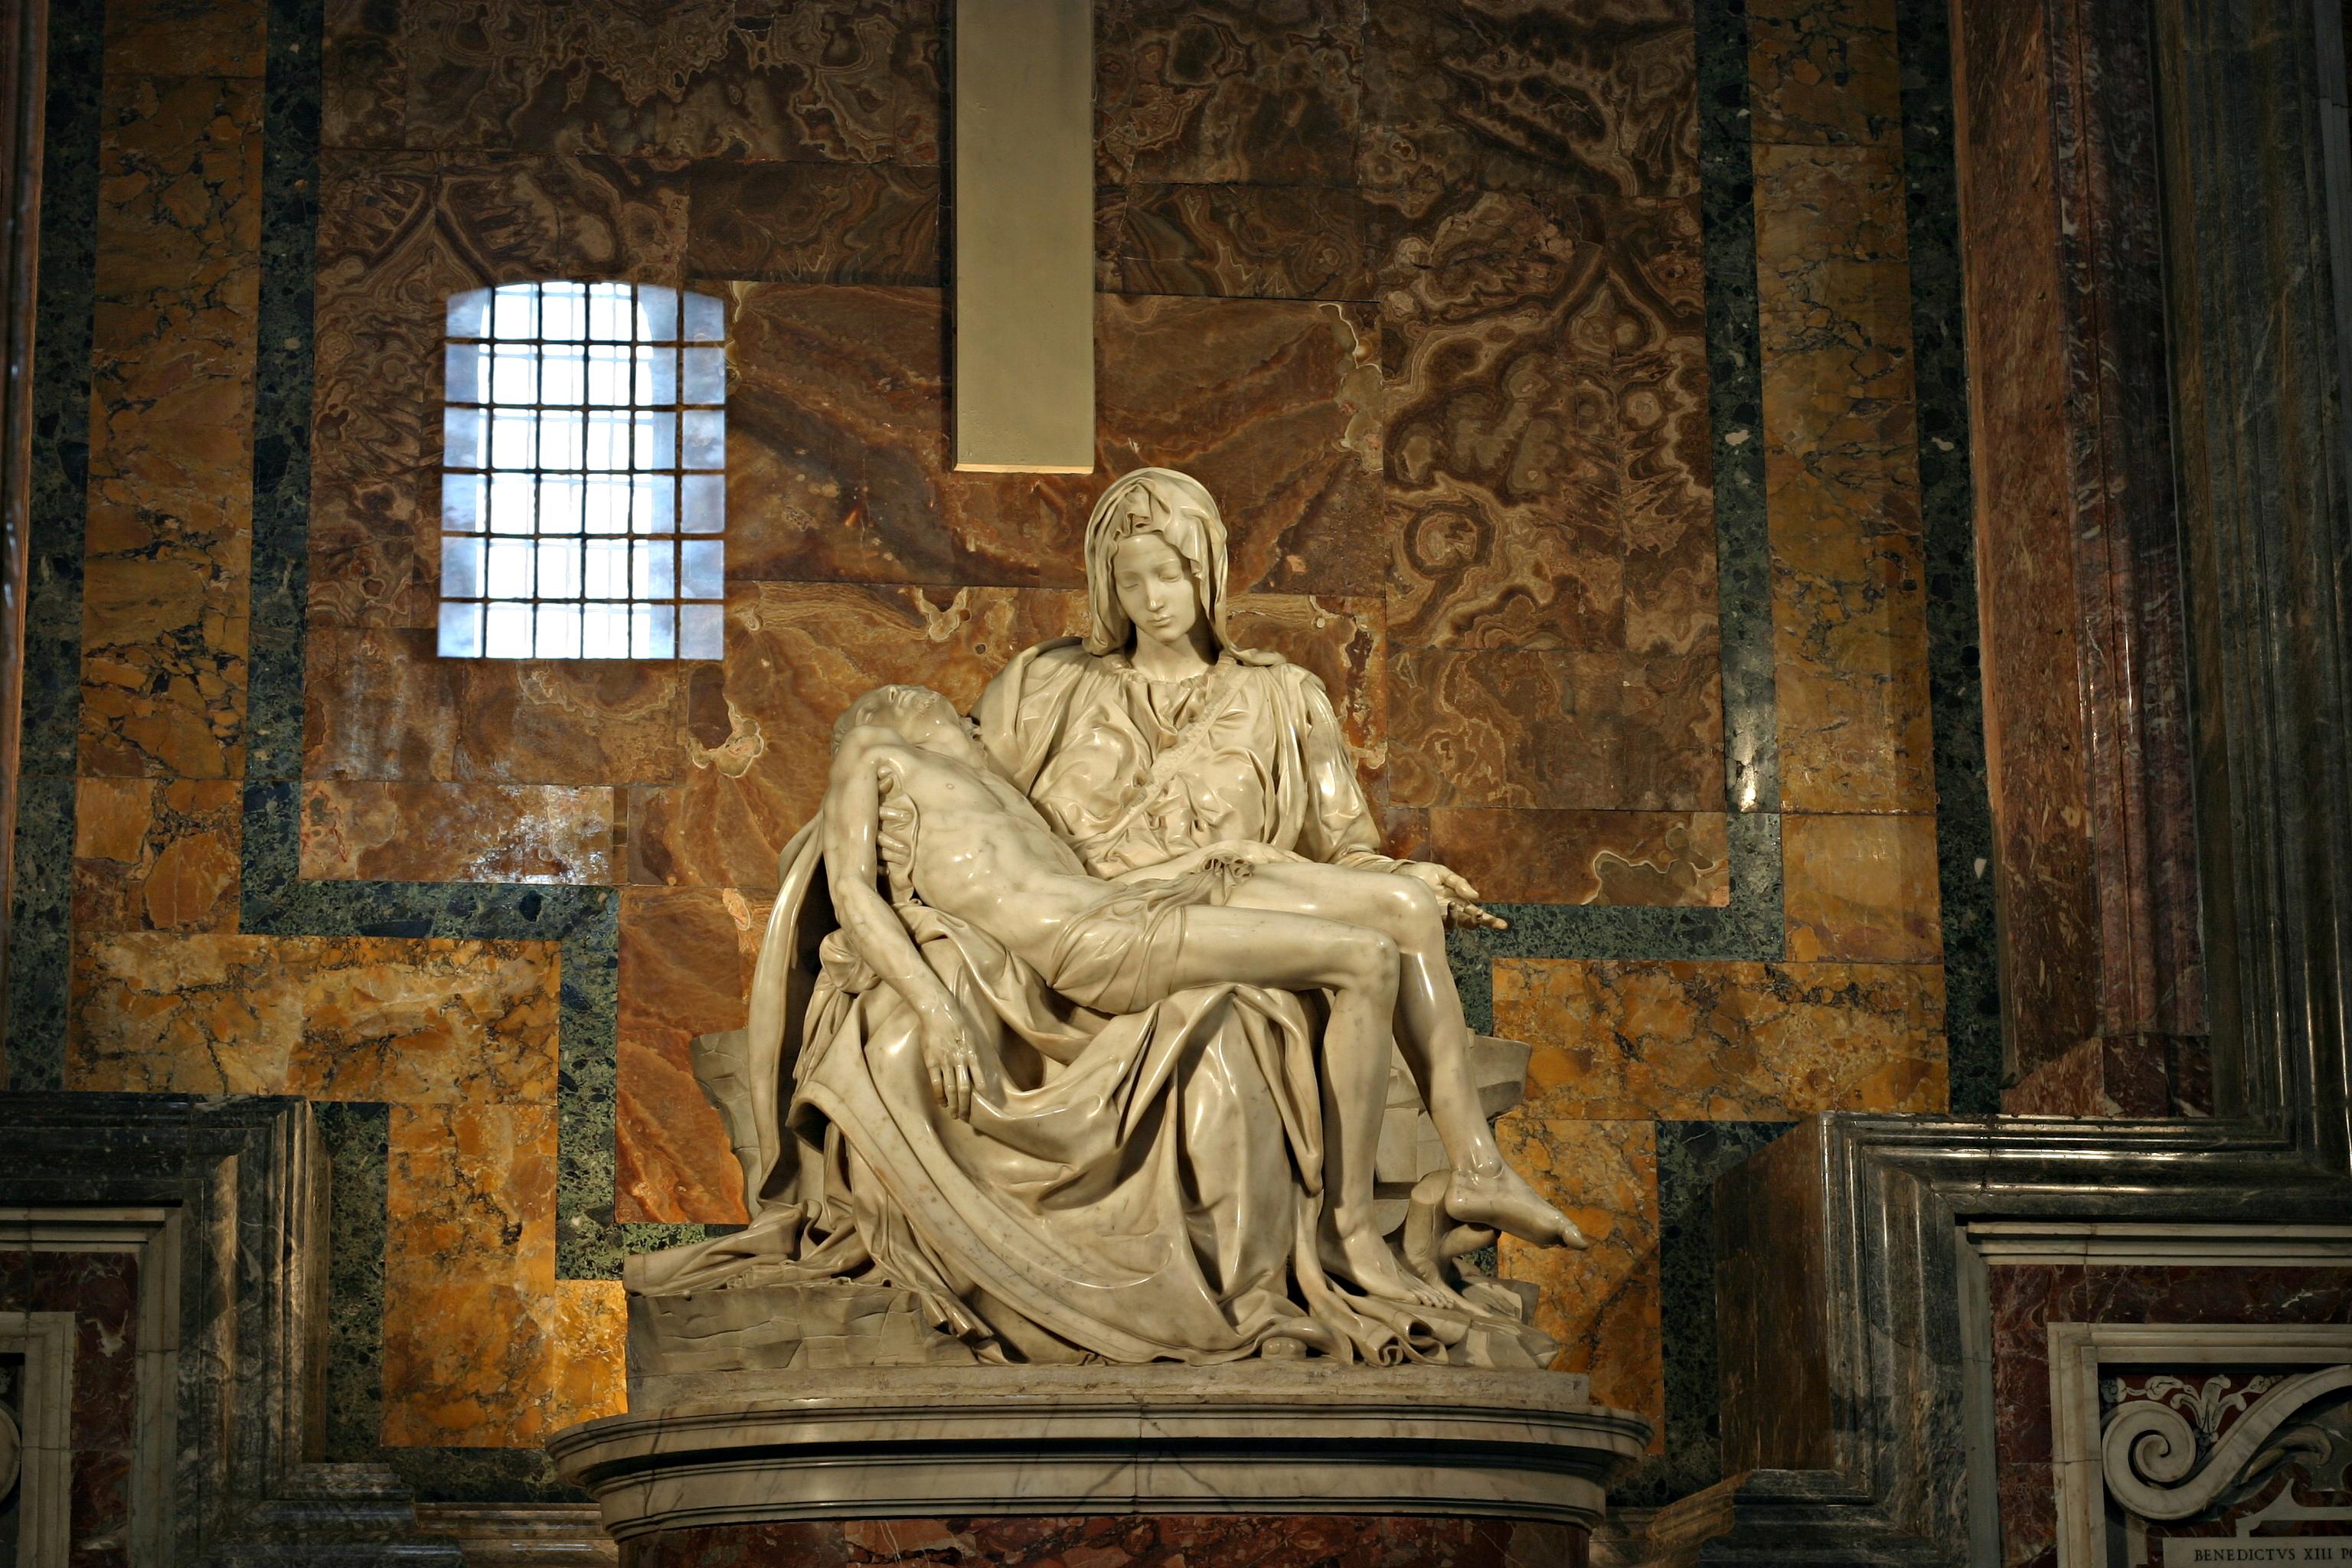 Michelangelo's Pieta 5450